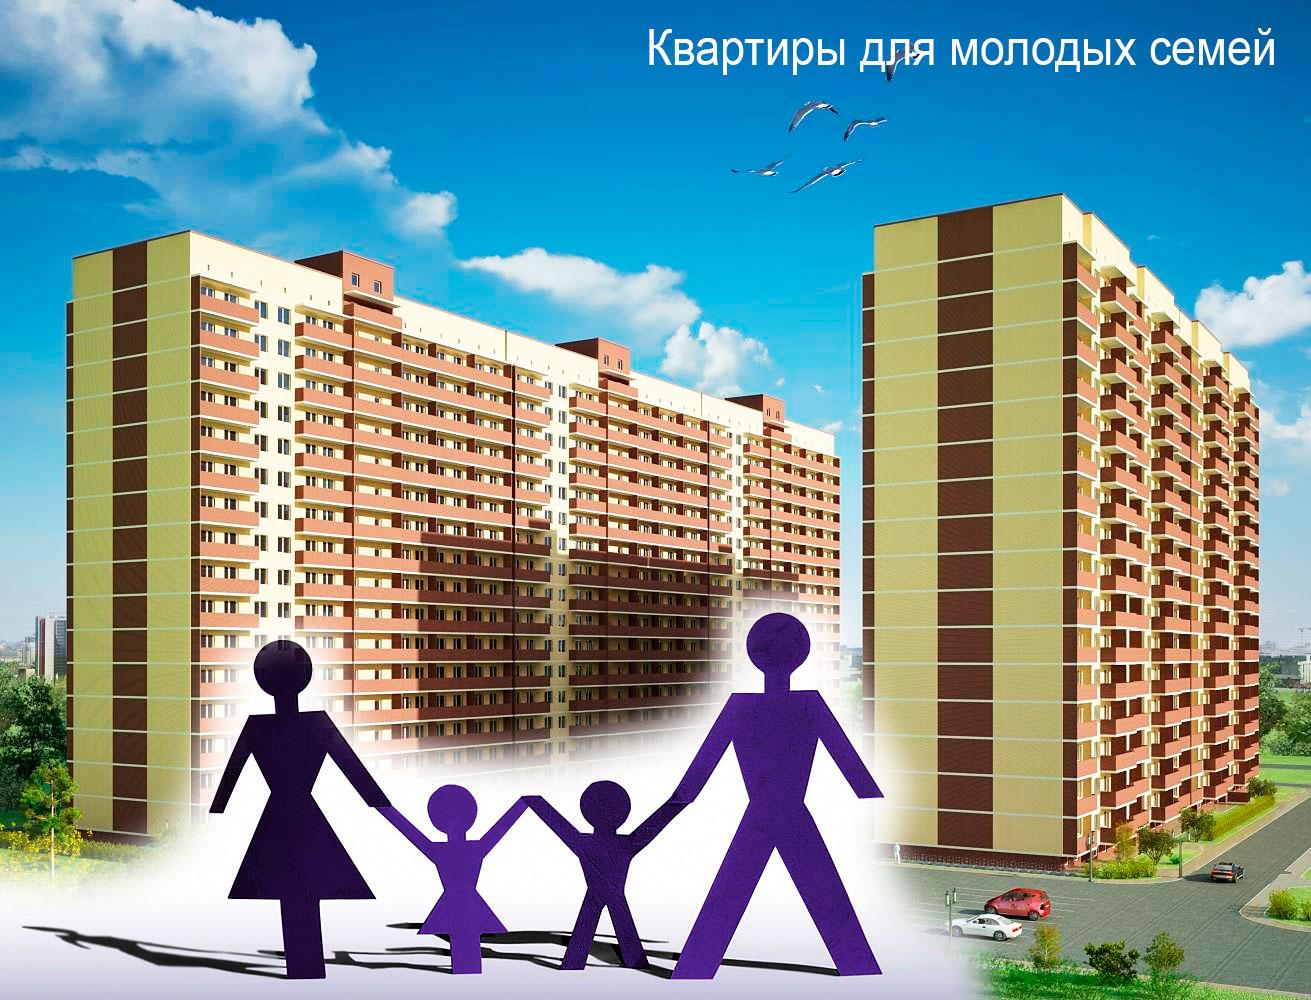 Льготы молодым семьям по приобретению жилья